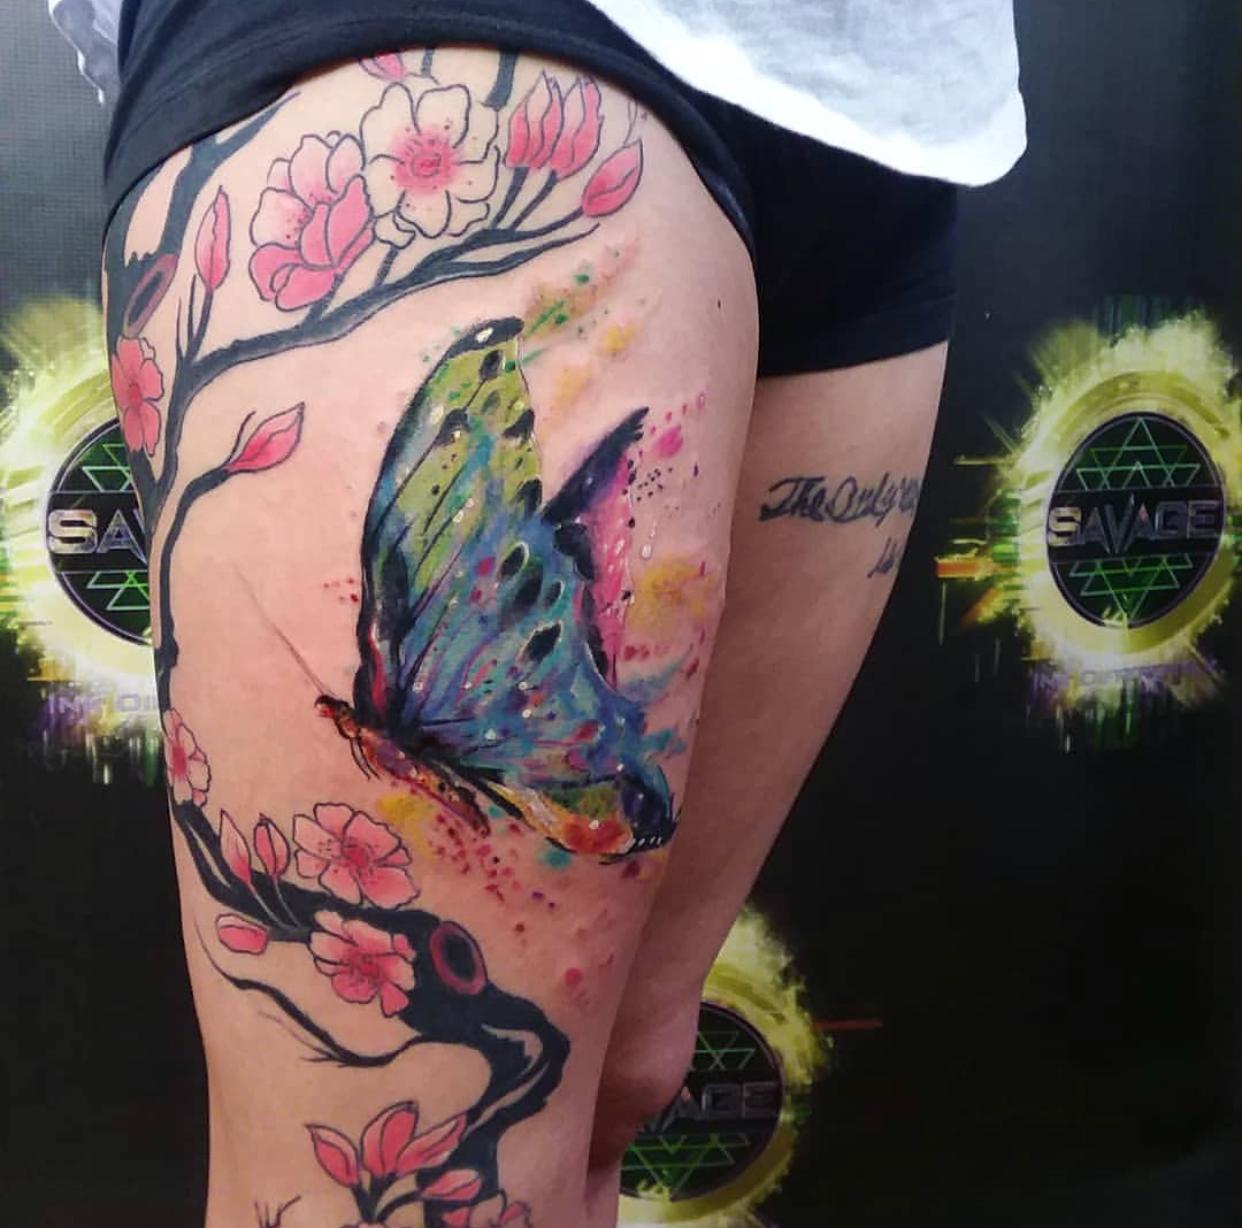 Tattoo by Jeramie at Savage Tattoo